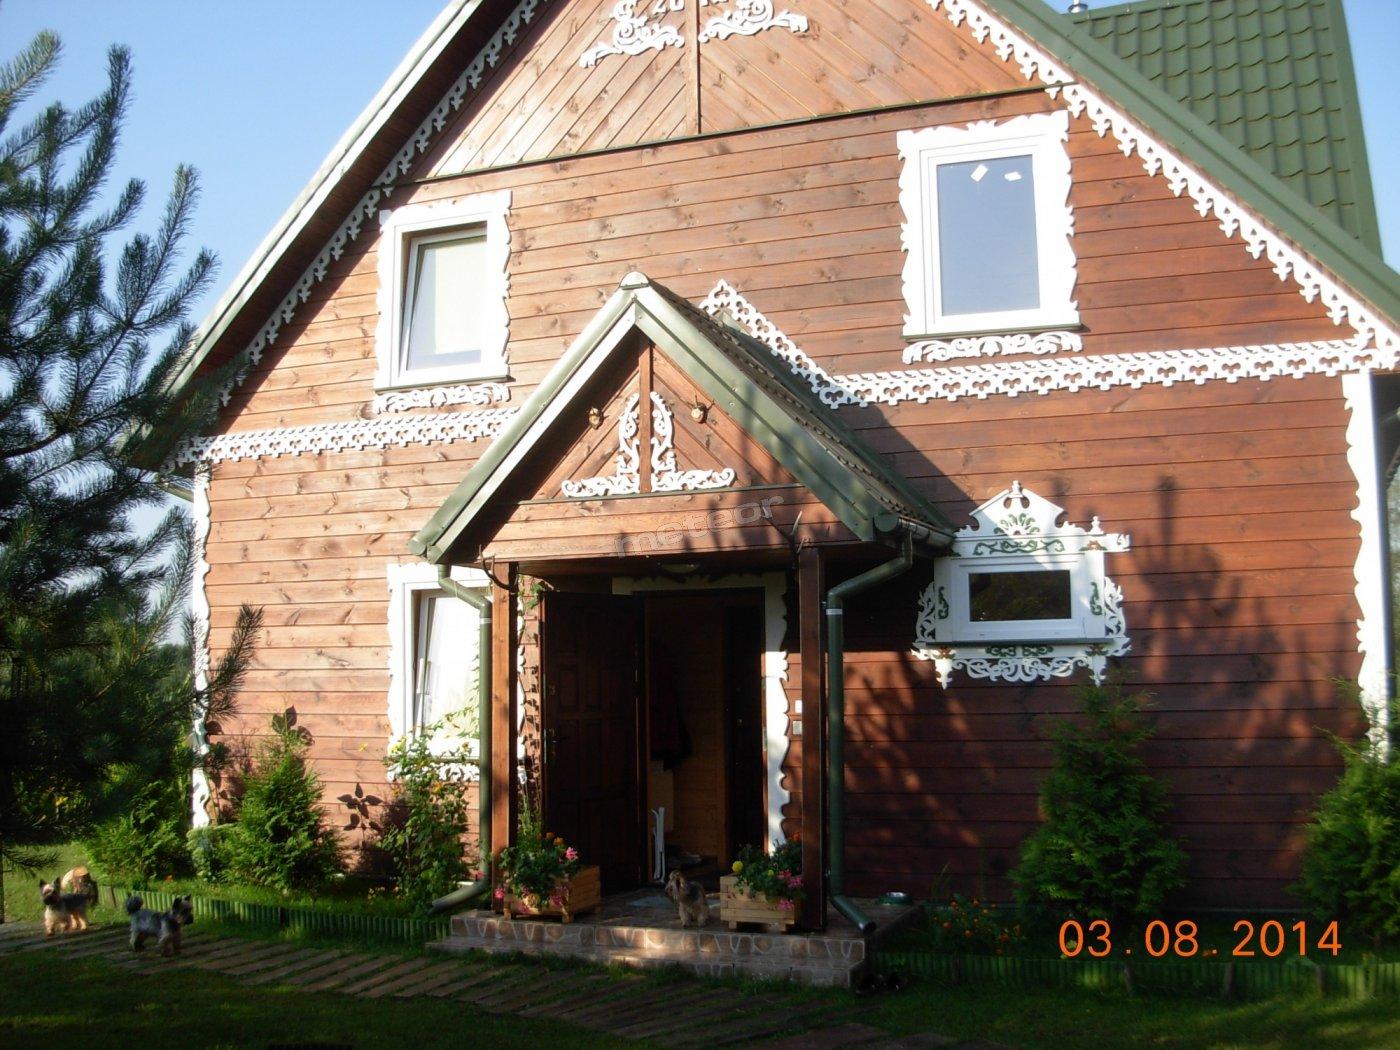 Dom z trzema pokojami , dwa pokoje 3 osobowe i 2 osobowy.